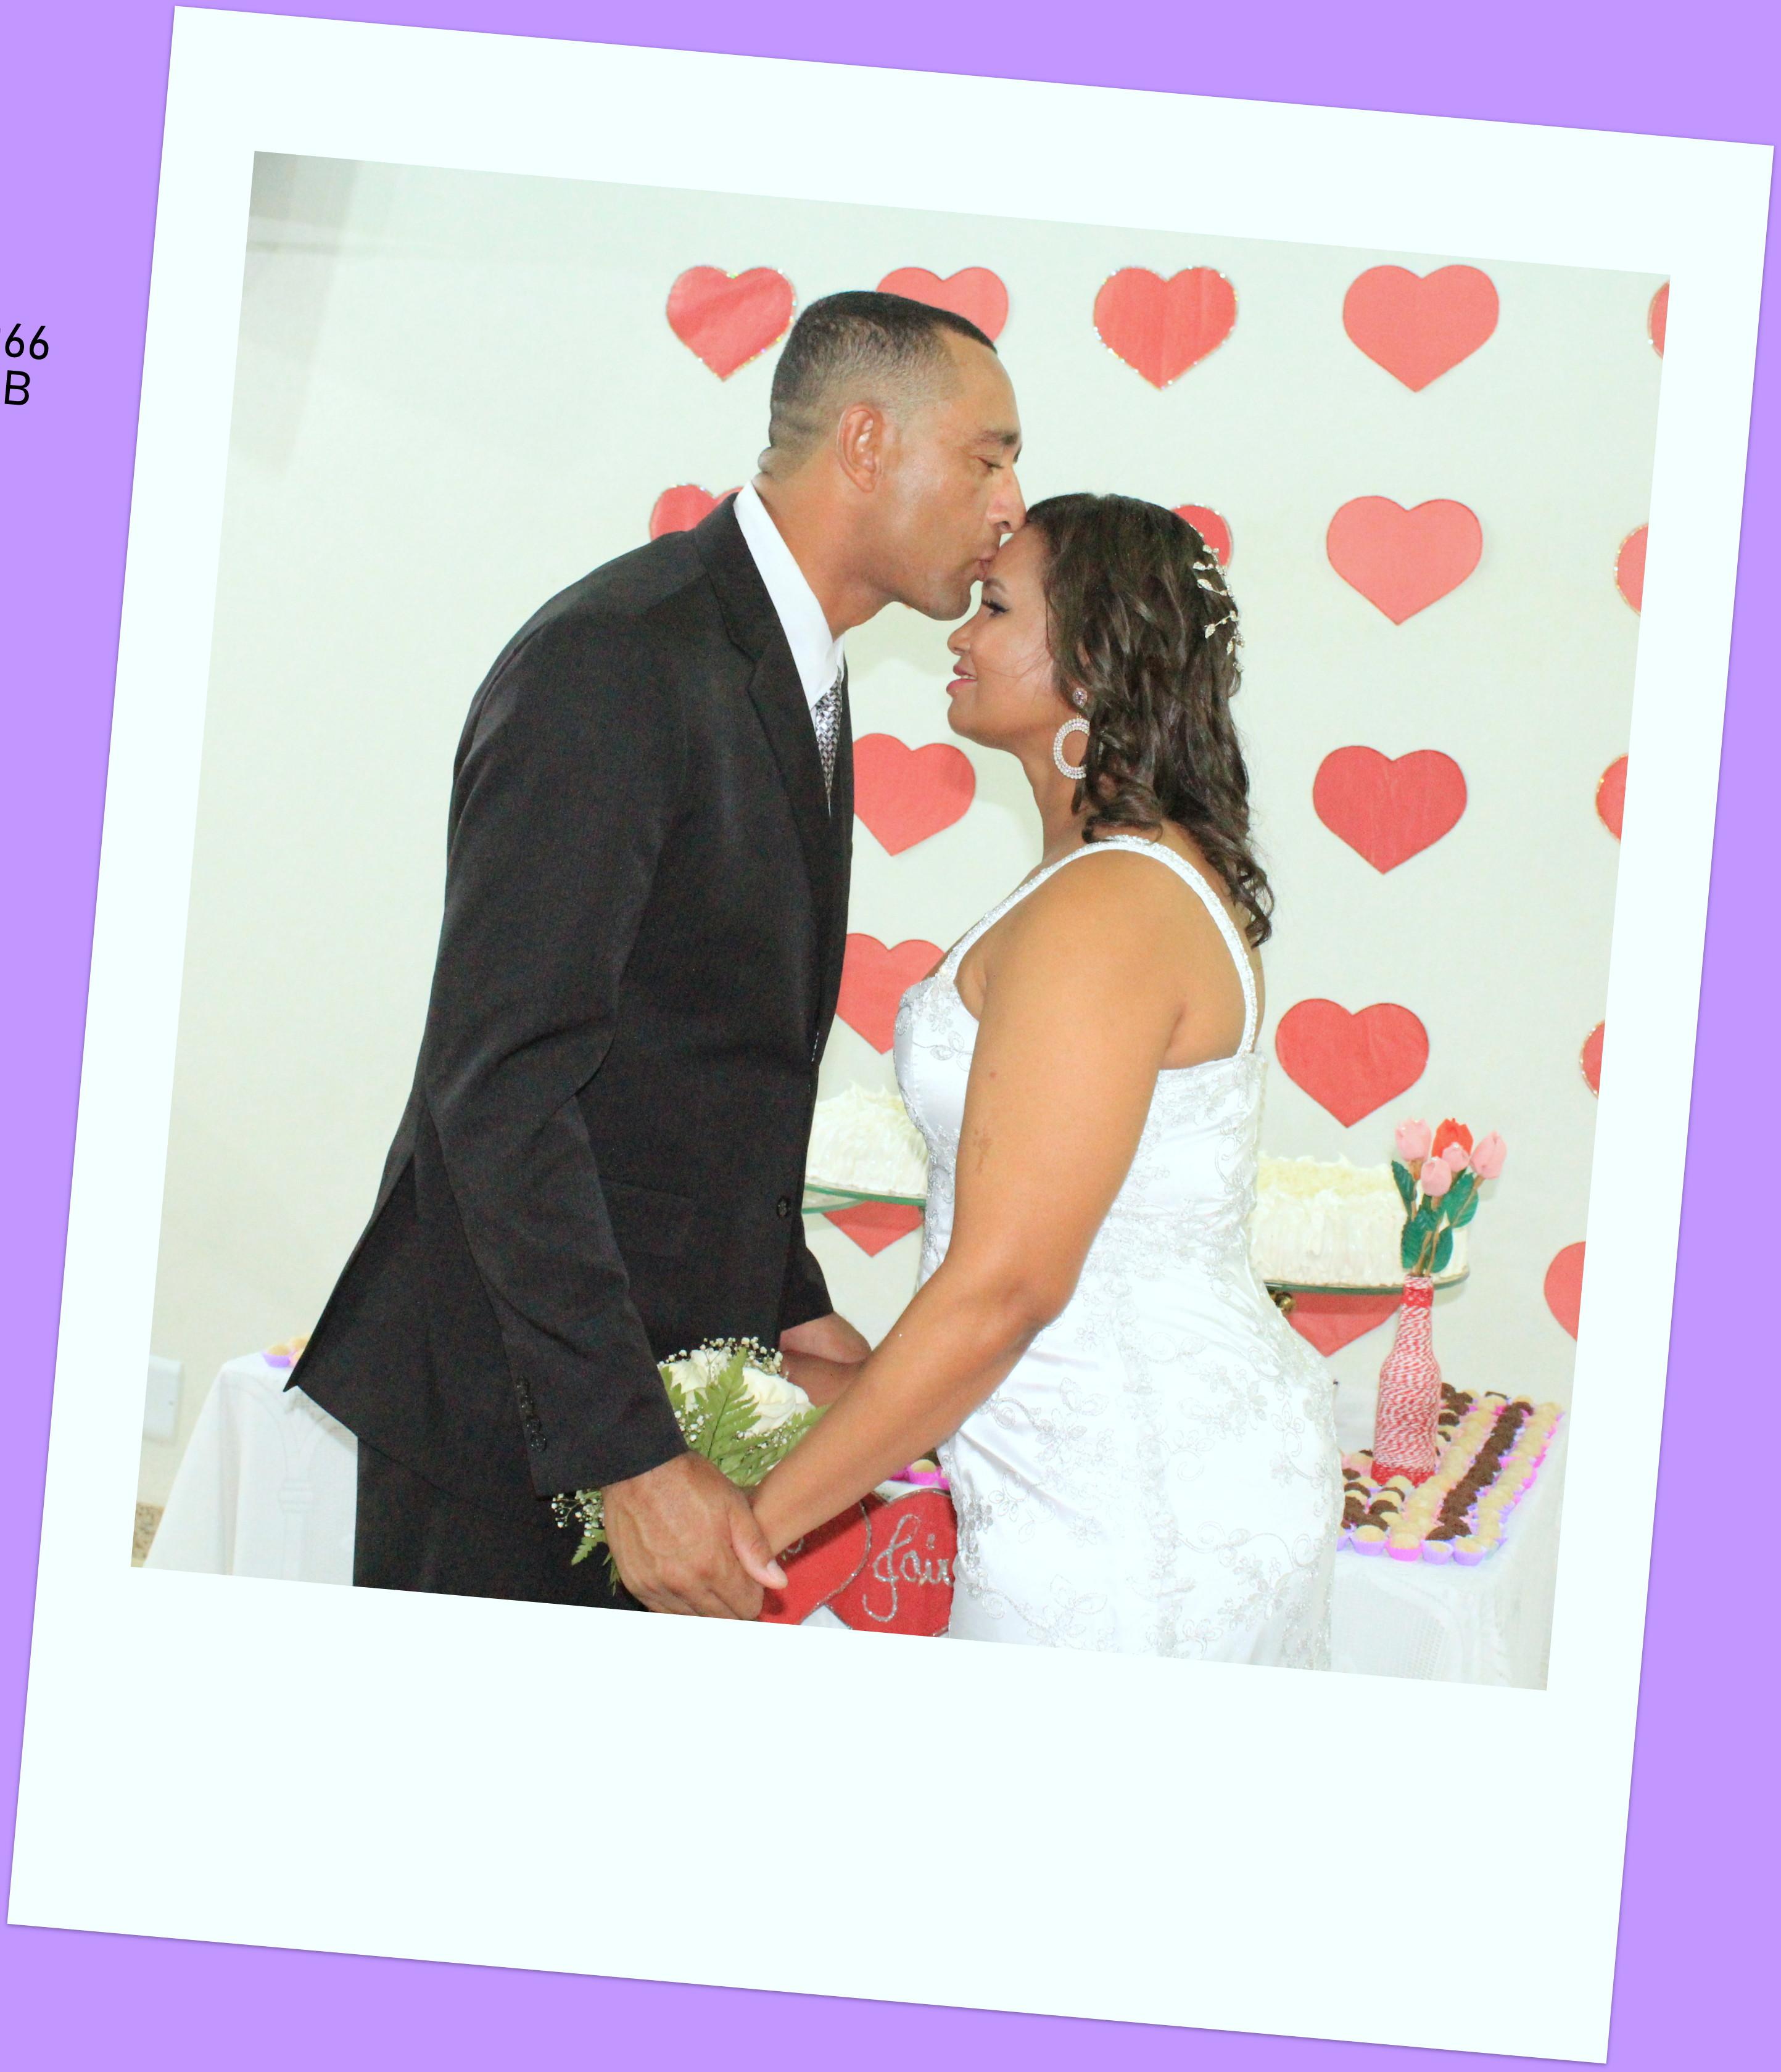 A vida é feita de momentos bons e ruins. Aproveitem intensamente os bons e estejam unidos para superar os ruins. Assim se constrói um casamento duradouro e feliz!